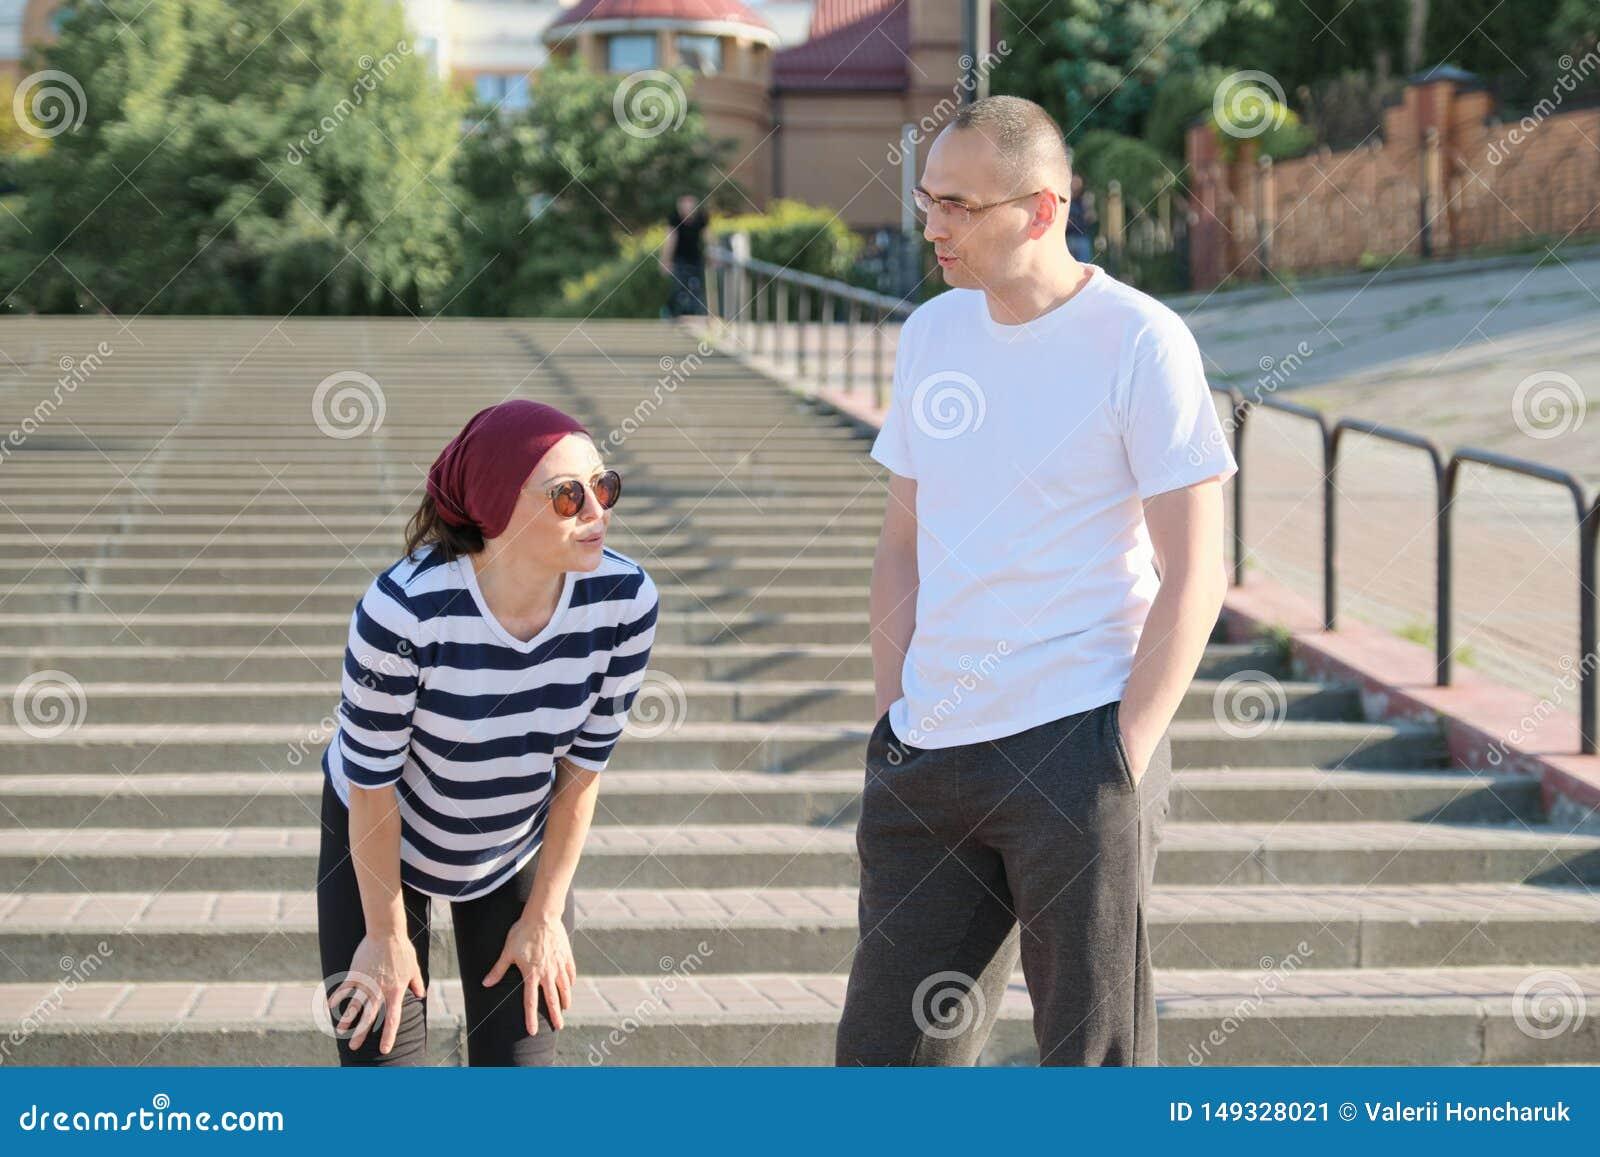 Rijp paar in stad dichtbij de treden, man en vrouw op middelbare leeftijd in sportkleding spreken die na het lopen rusten